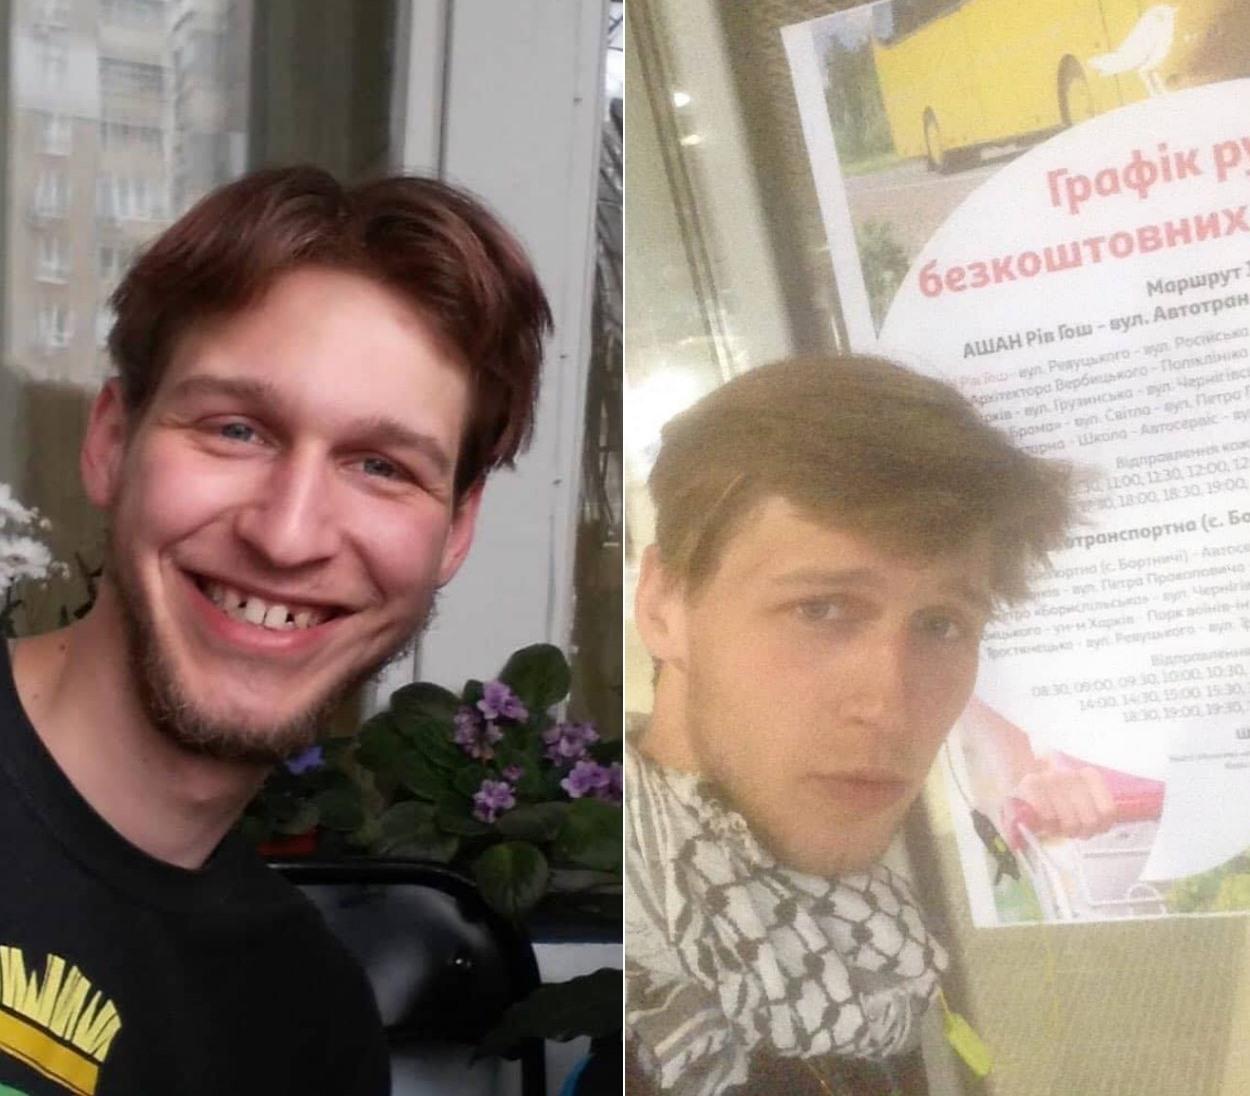 В Киеве разыскивают Артеменко Дмитрия Сергеевича